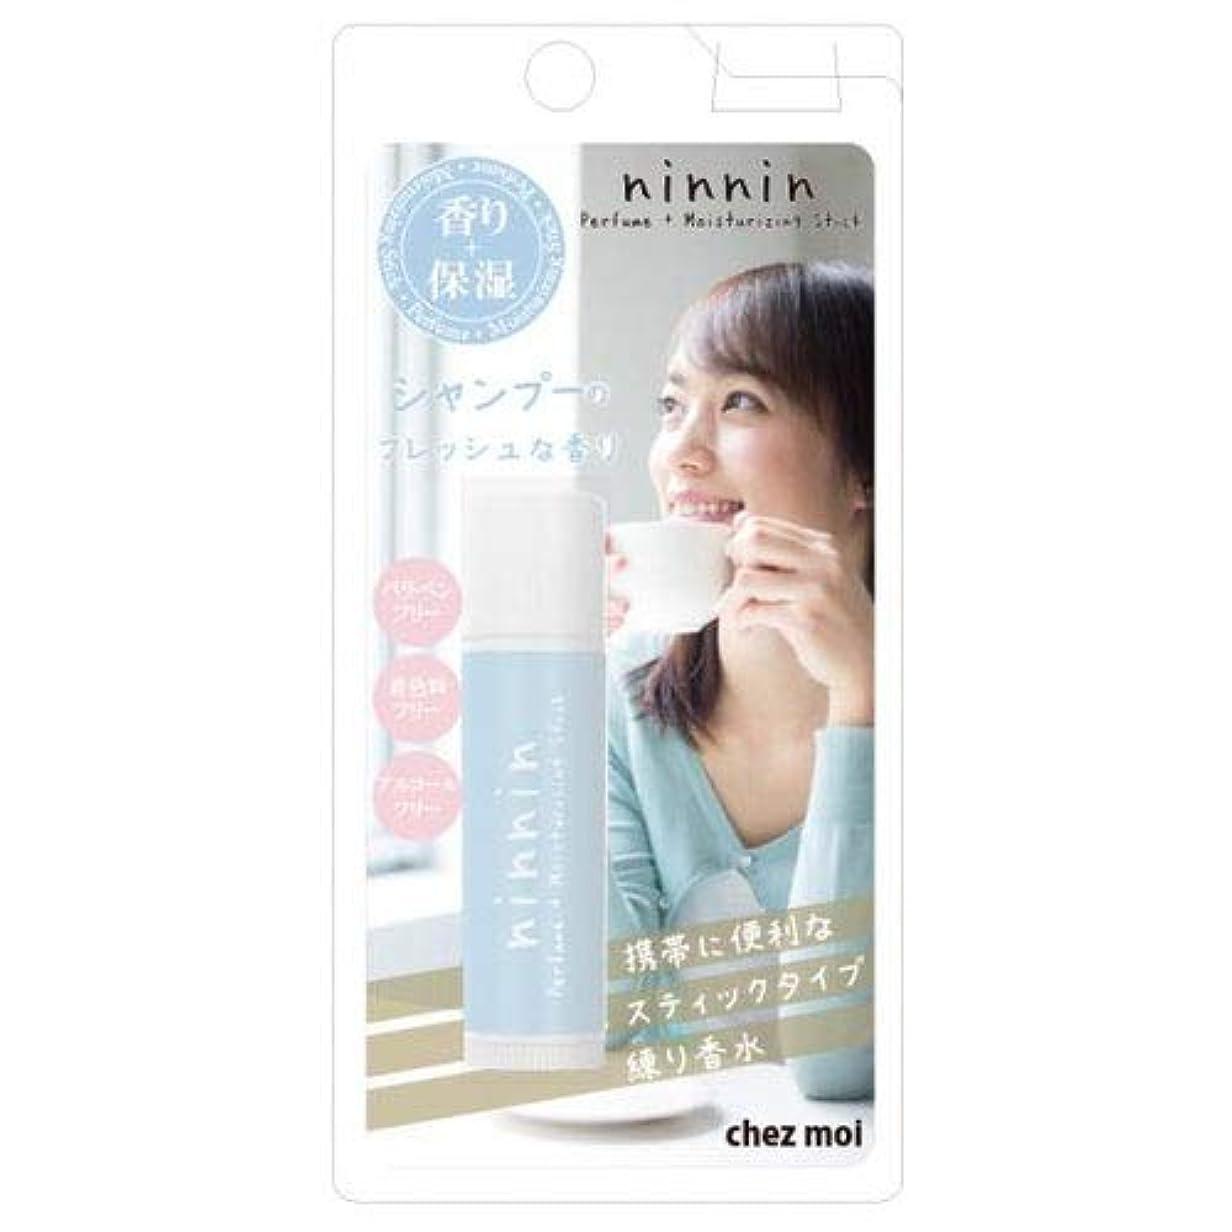 ちらつき半球創傷ninnin ナンナン Perfume+Moisturizing Stick シャンプー